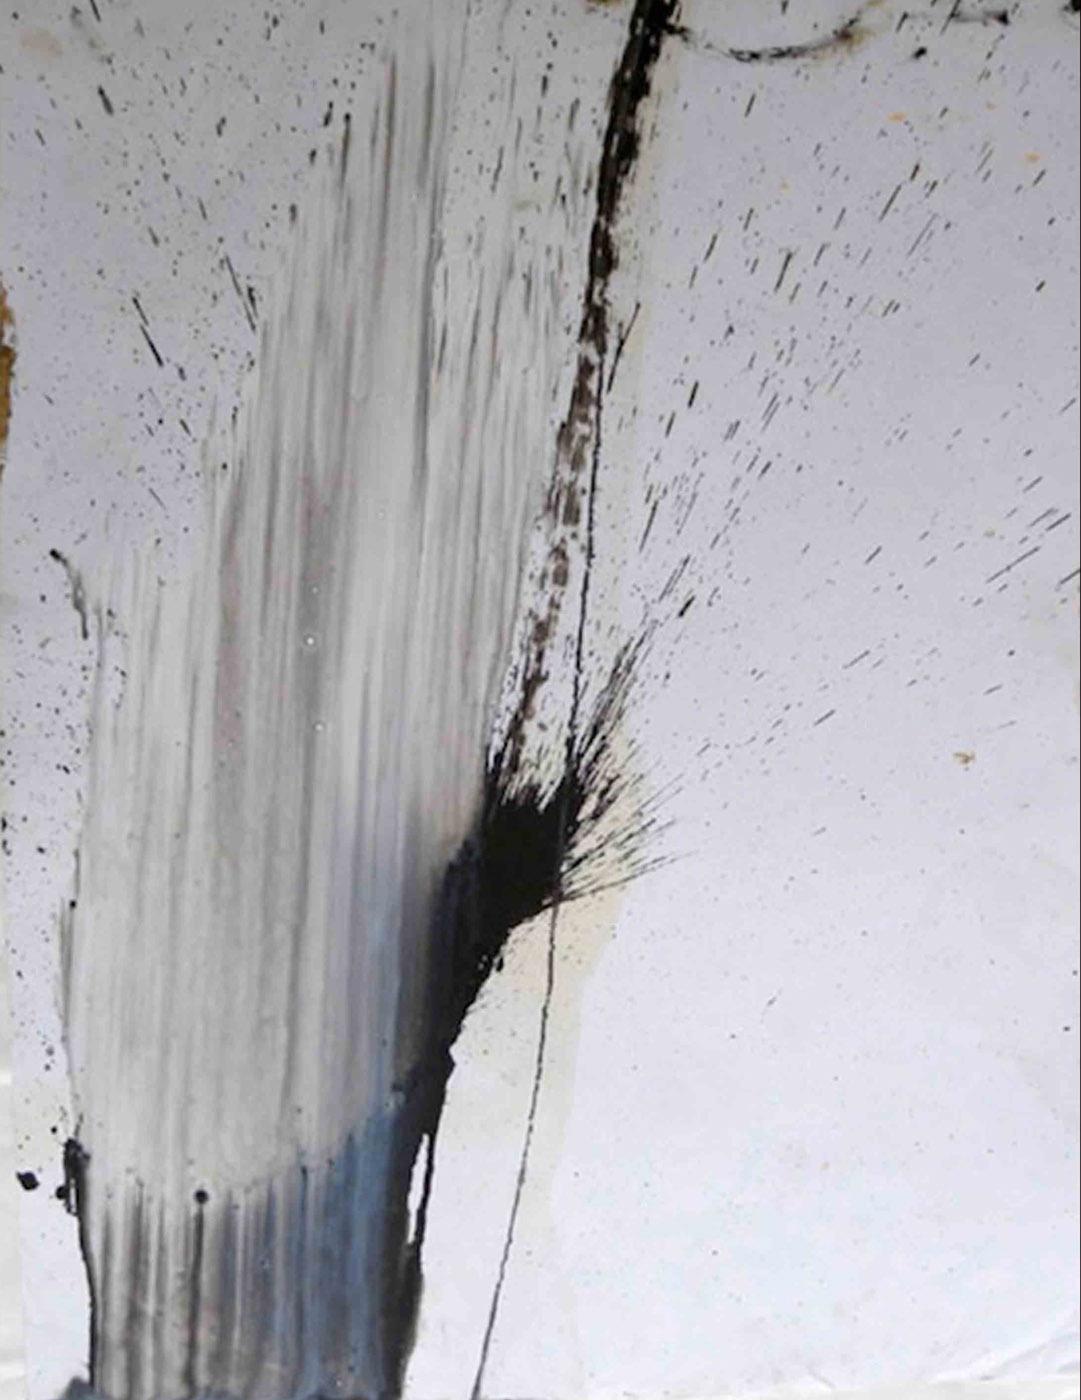 MARC FELD 2009 NERFS ET NERVURES 1 Huile et mine de plomb sur papier 65 x 50 cm